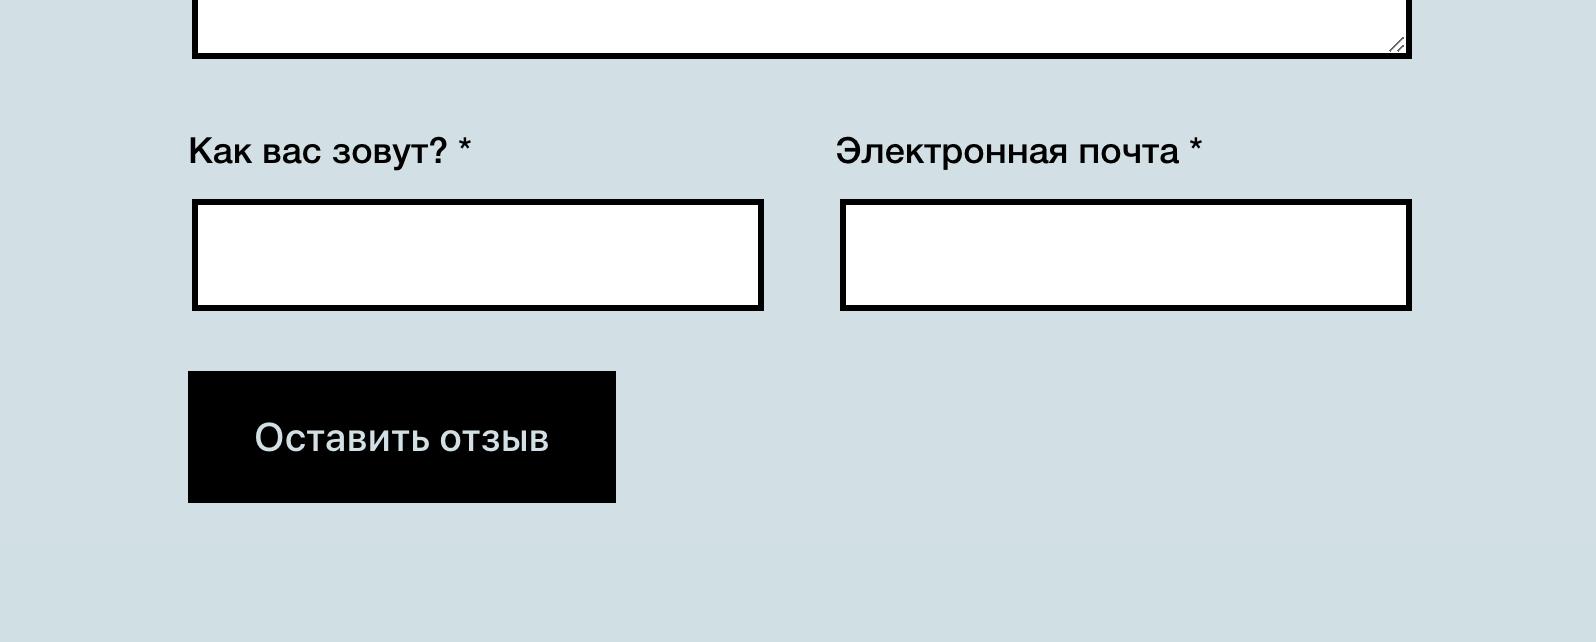 Как изменить текст кнопки с Оставить комментарий на Оставить отзыв